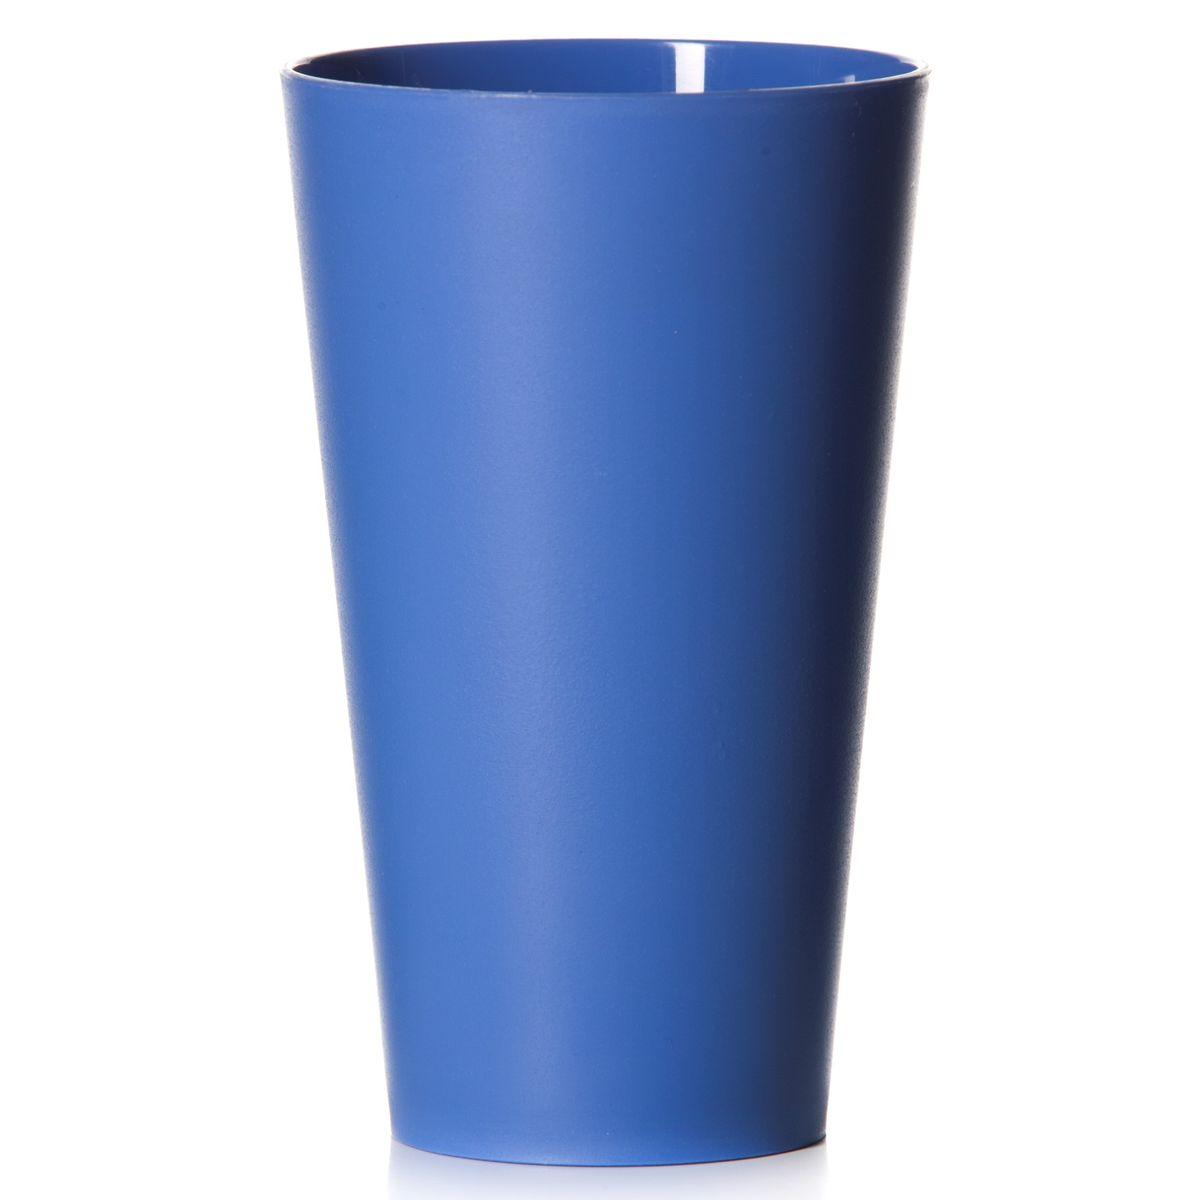 Стакан House & Holder, цвет: синий, 570 млM-218Стакан House & Holder изготовлен из прочного высококачественного полипропилена. Изделие предназначено для воды, сока и других напитков. Стакан сочетает в себе яркий дизайн и функциональность. Благодаря такому стакану пить напитки будет еще вкуснее.Стакан House & Holder можно использовать дома, на даче или на пикнике. Можно использовать в посудомоечной машине и микроволновой печи.Диаметр стакана по верхнему краю: 9 см. Высота стакана: 15 см. Диаметр основания: 6 см.